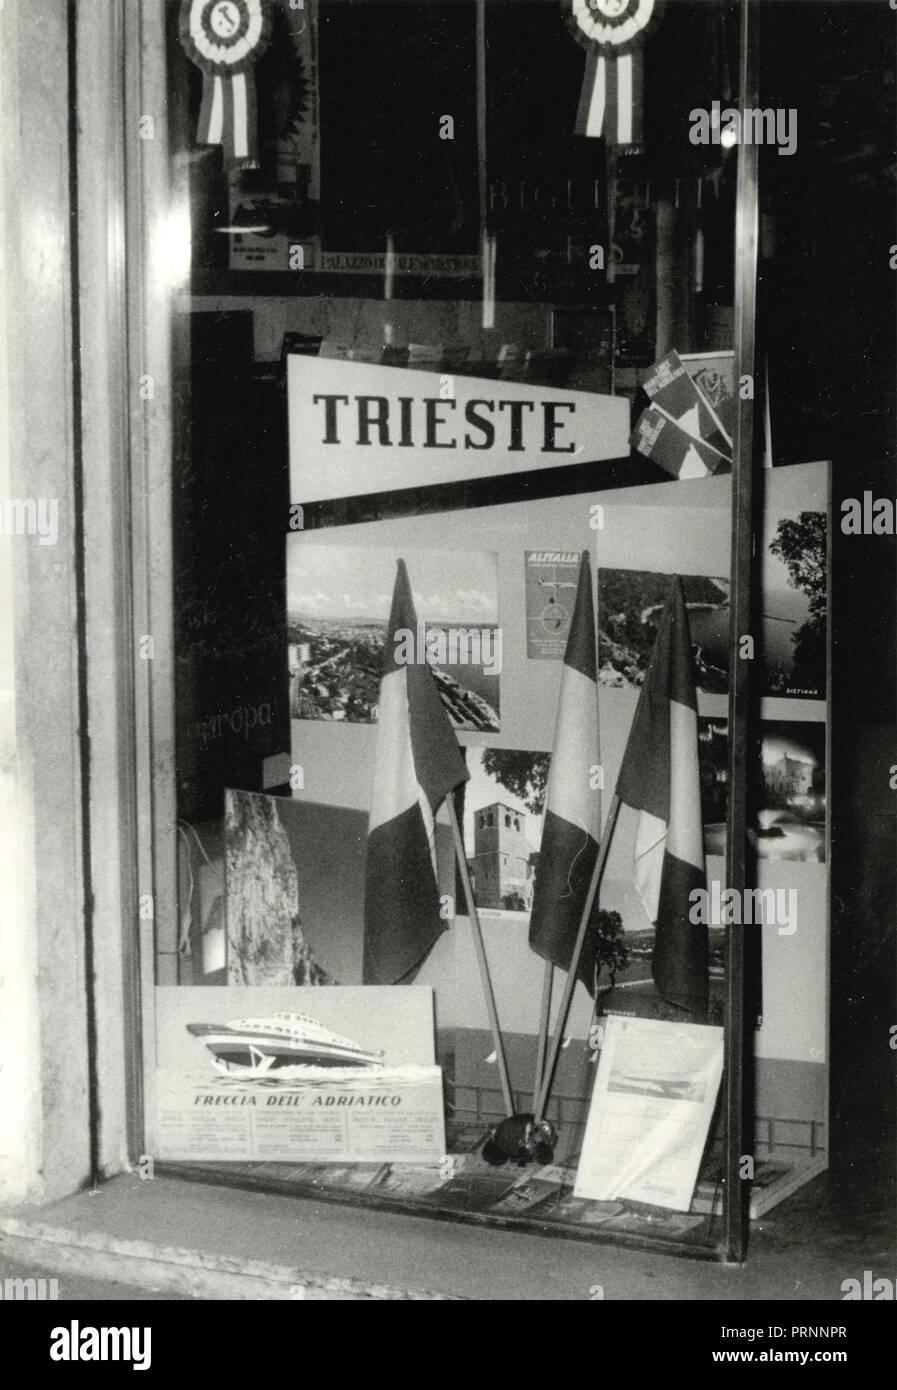 Publicité L'agence de voyage la ville de Trieste, Italie 1960 Photo Stock